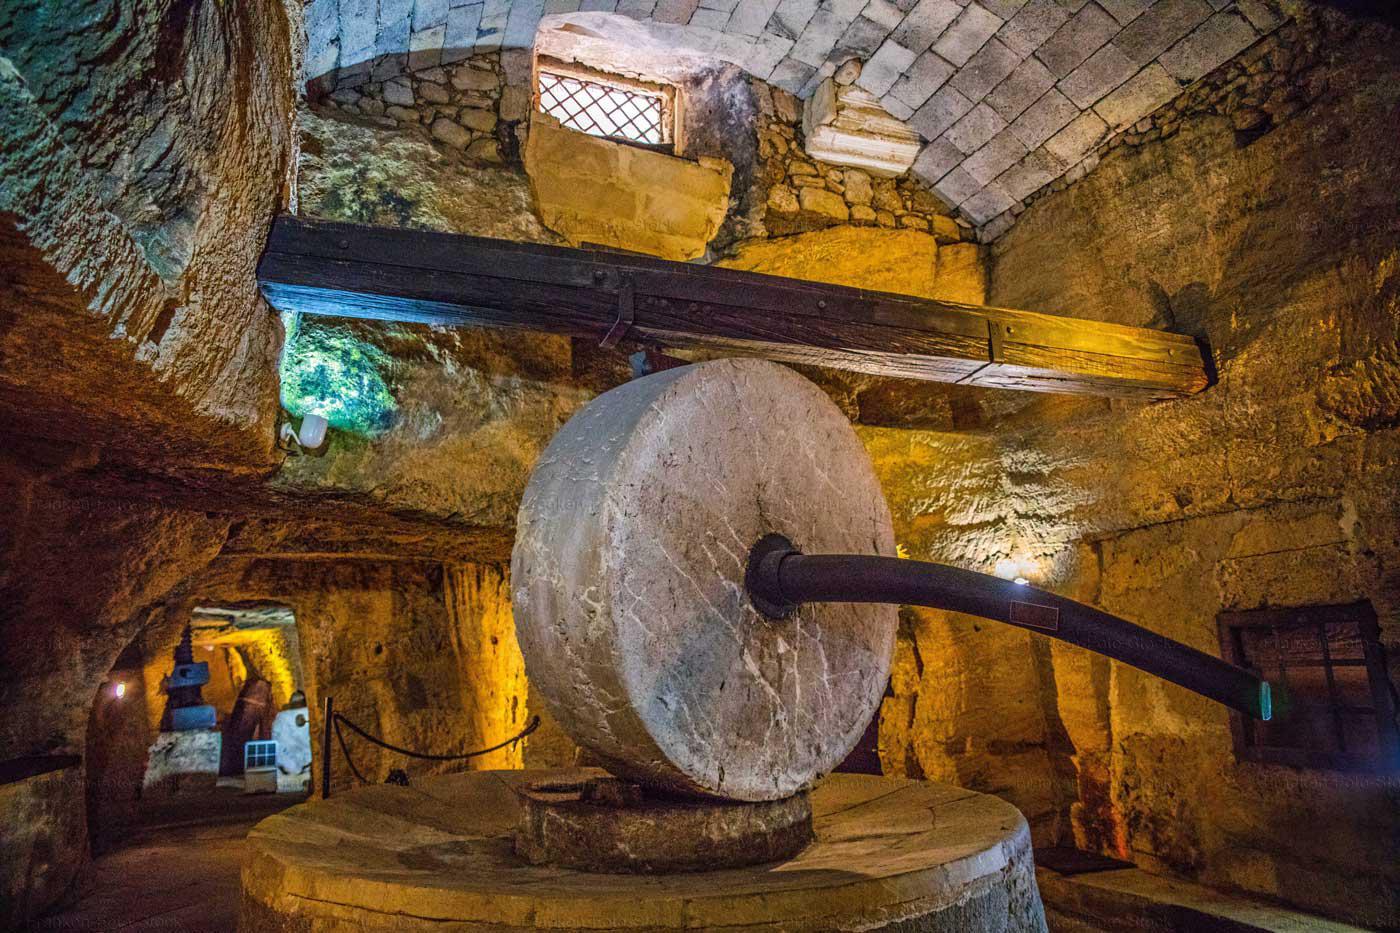 Unterirdische Ölmühle. Foto: R. Franken